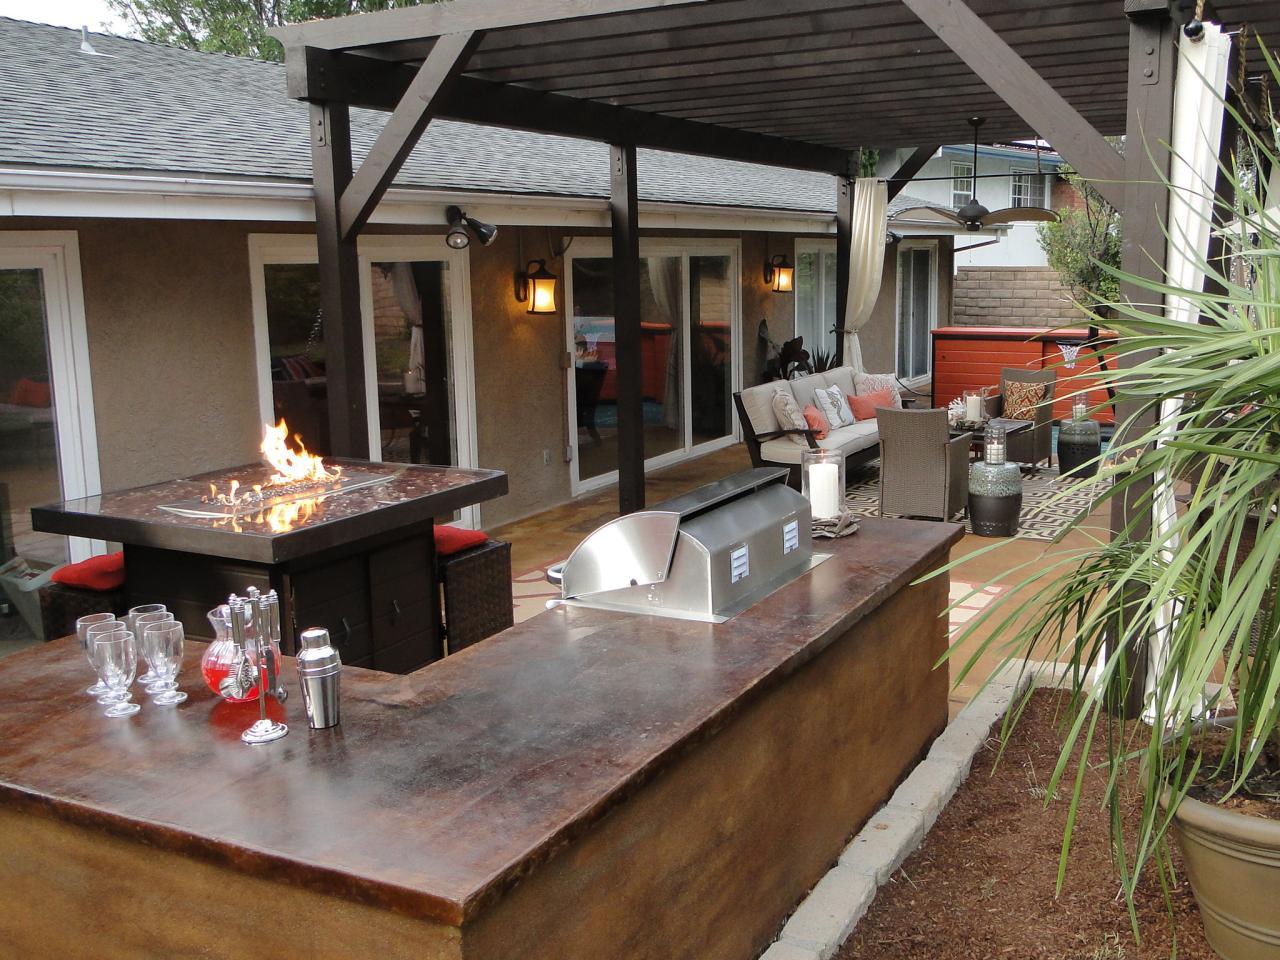 backyard patio ideas patio bar ideas and options QPVJAOD